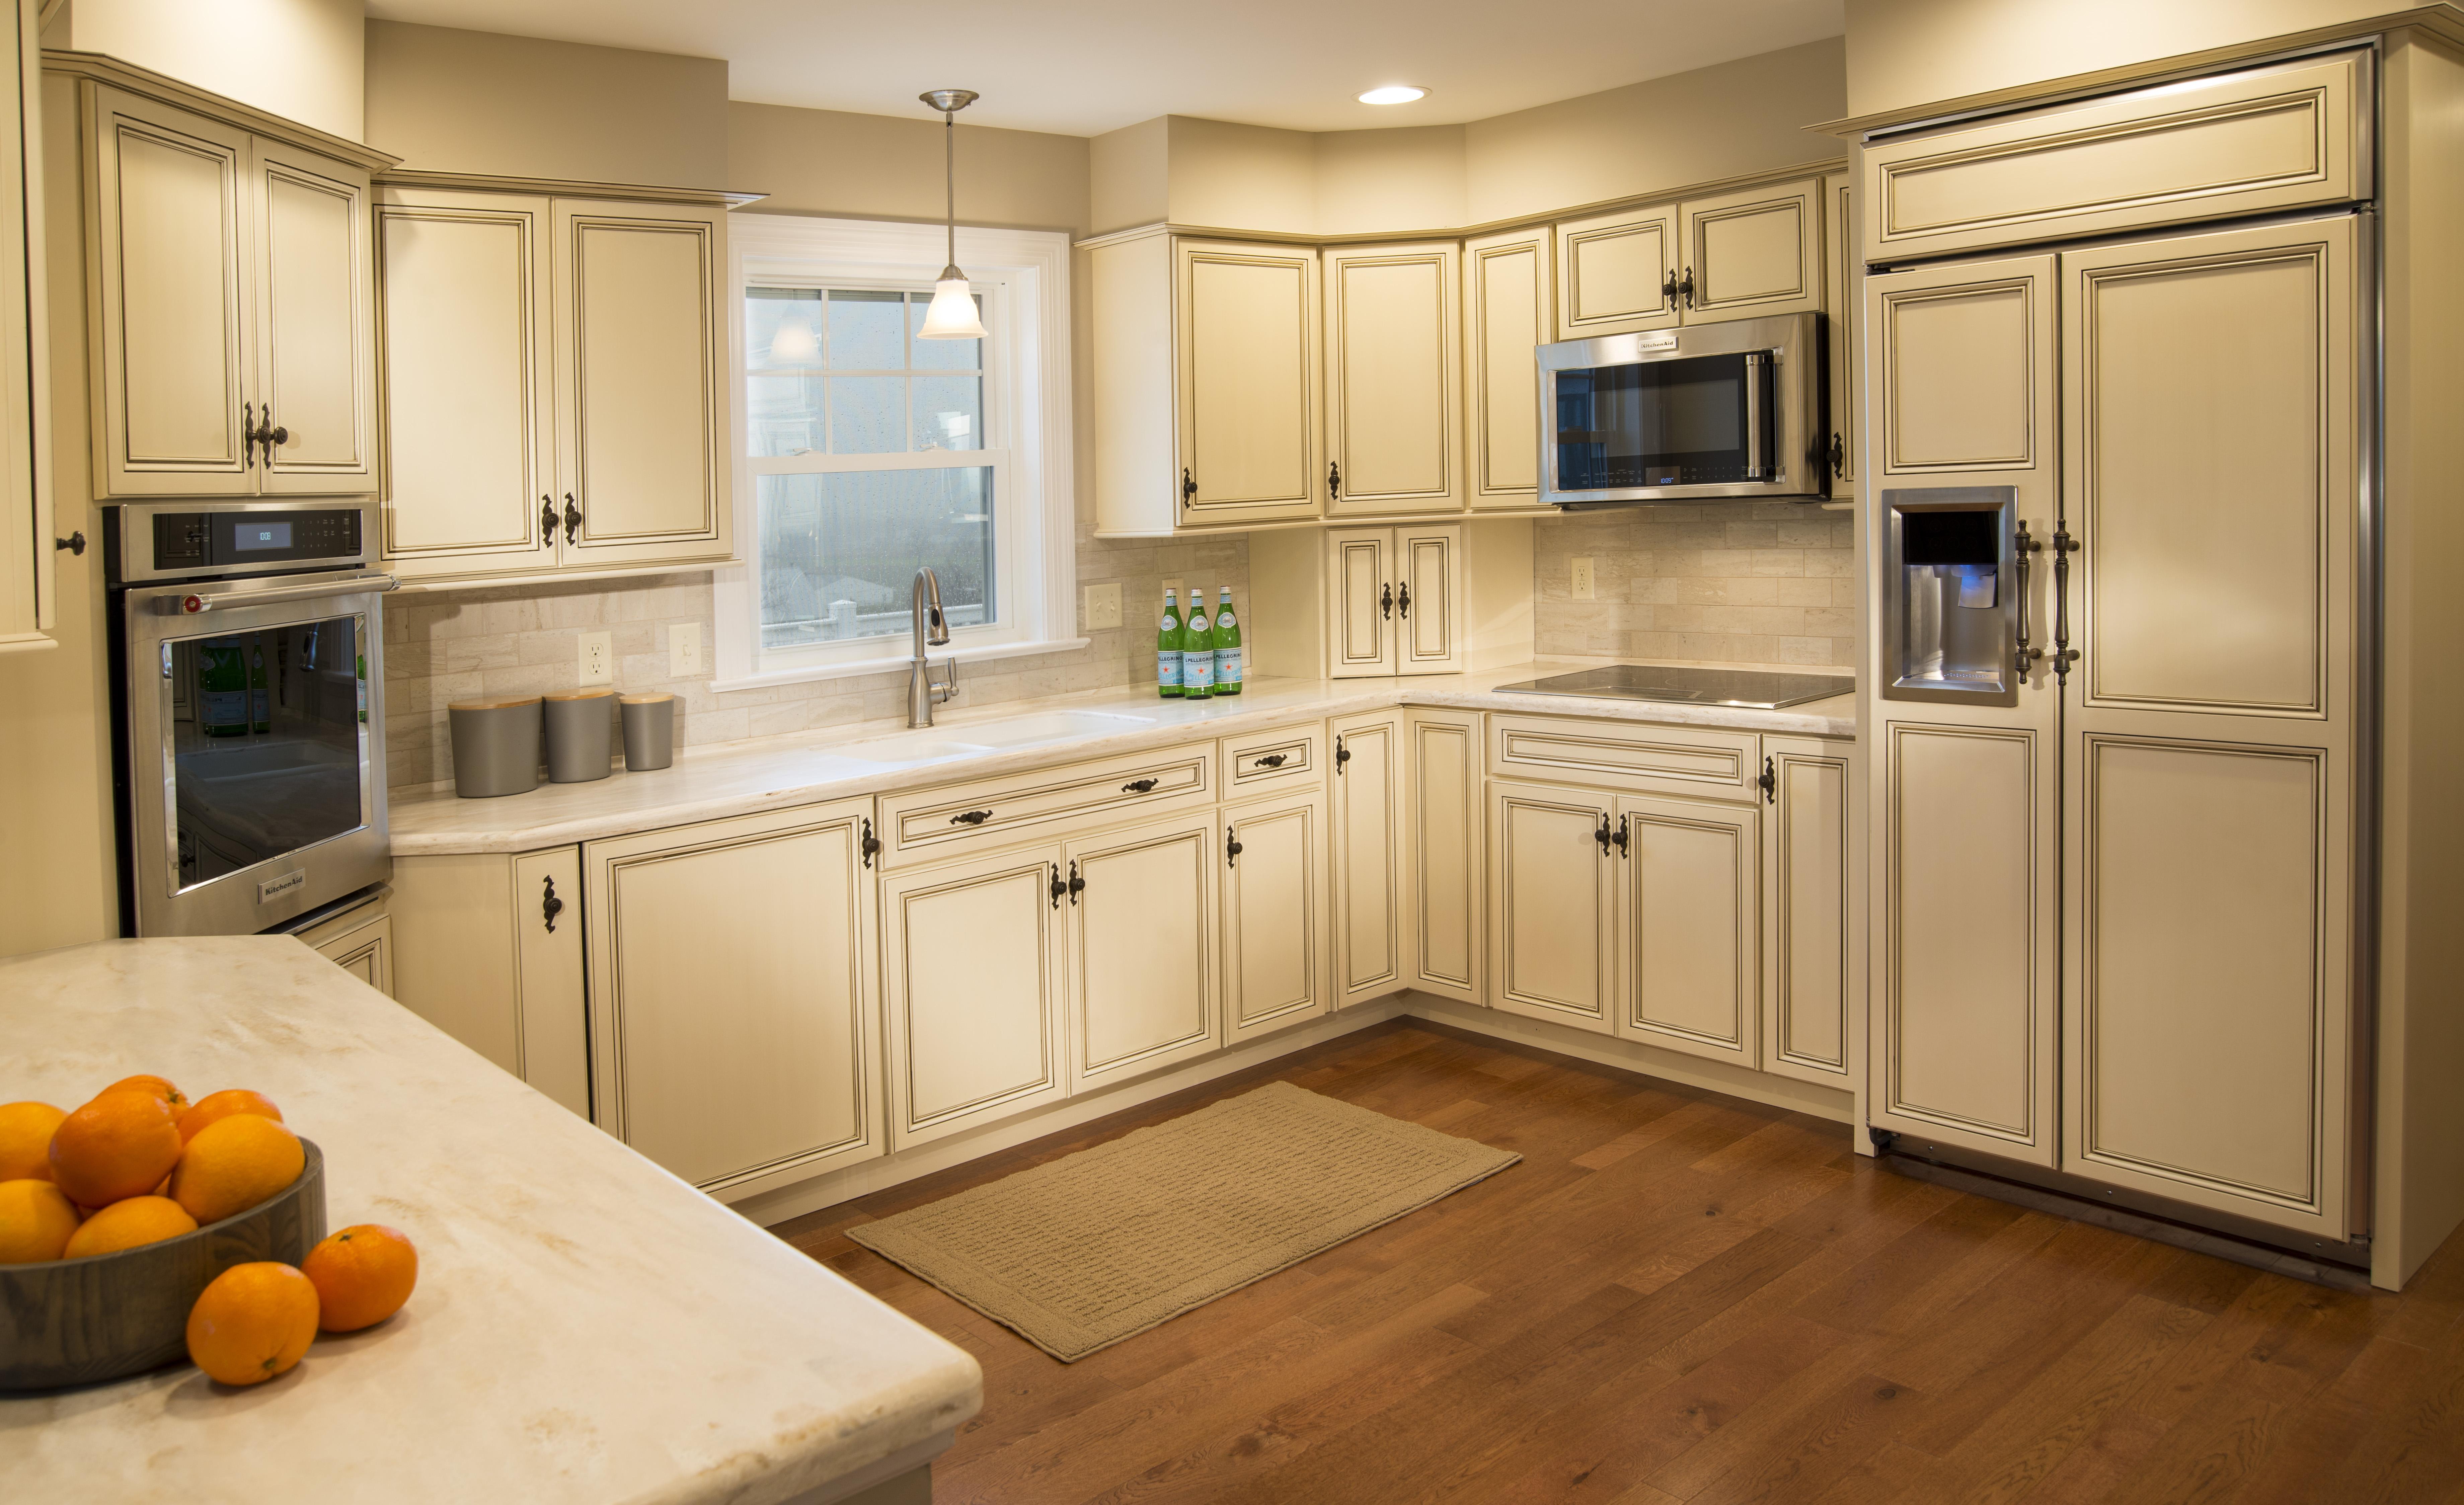 Conestoga Kitchen Cabinets - Nagpurentrepreneurs